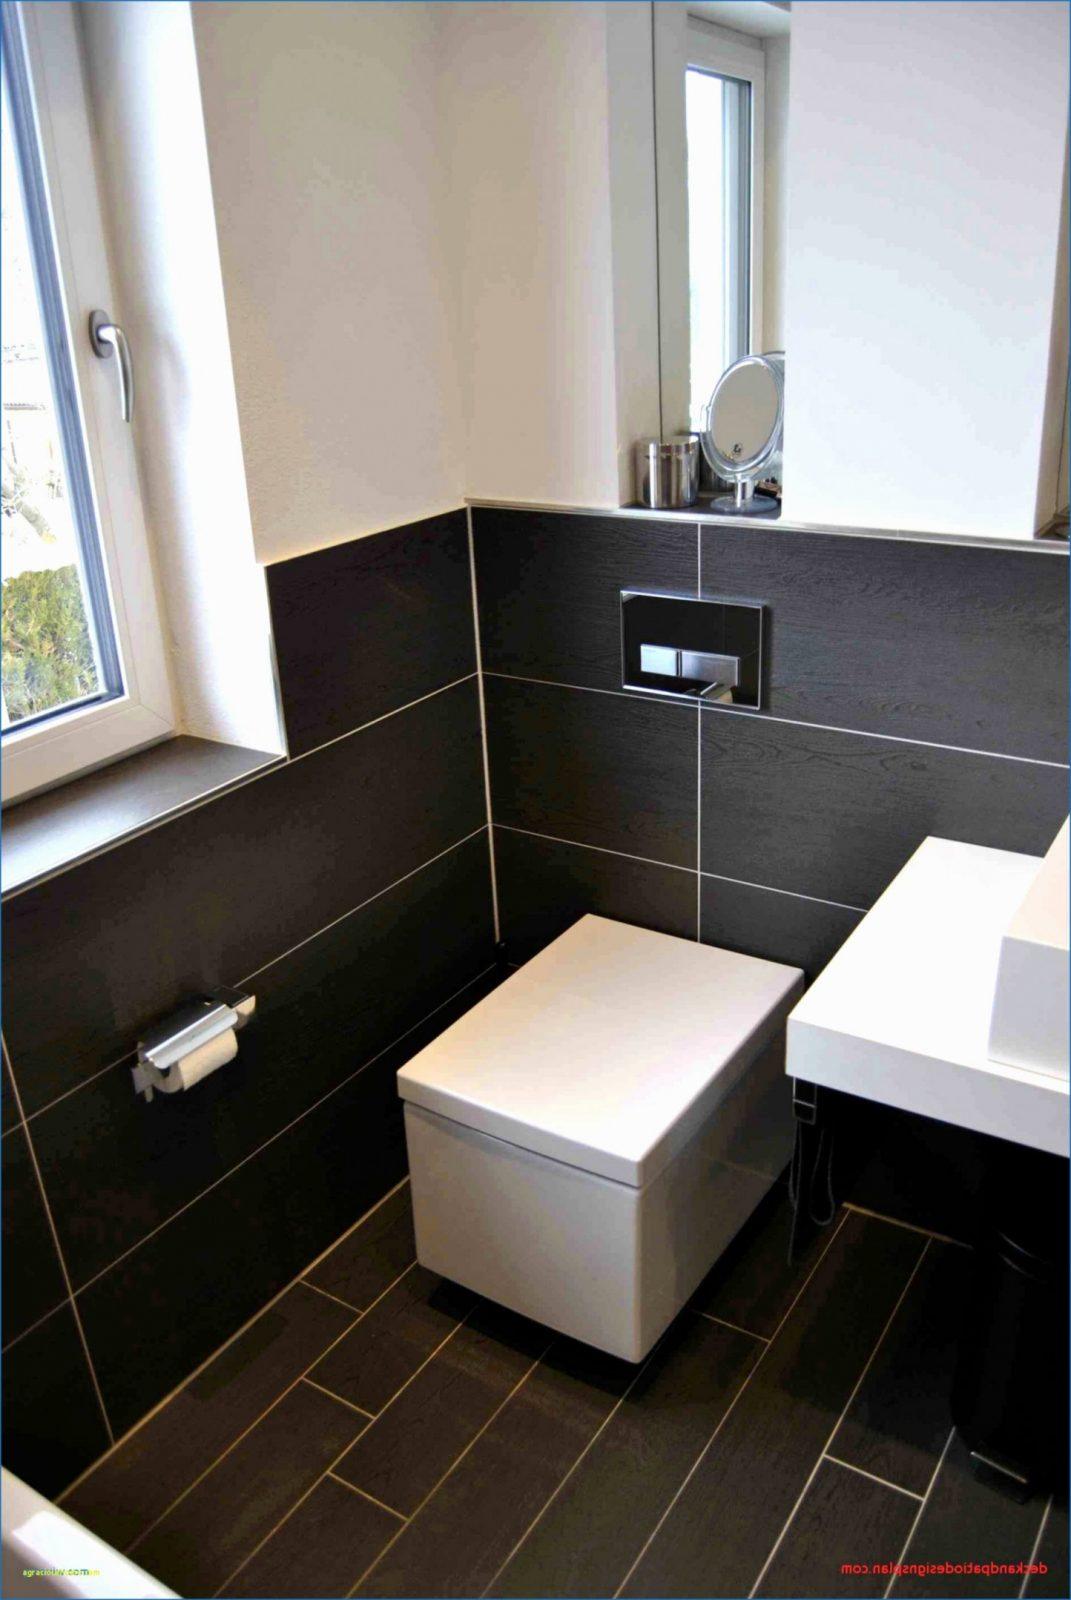 Kleines Bad Gestalten 4Qm — Temobardz Home Blog von Kleine Bäder Gestalten Beispiele Bild